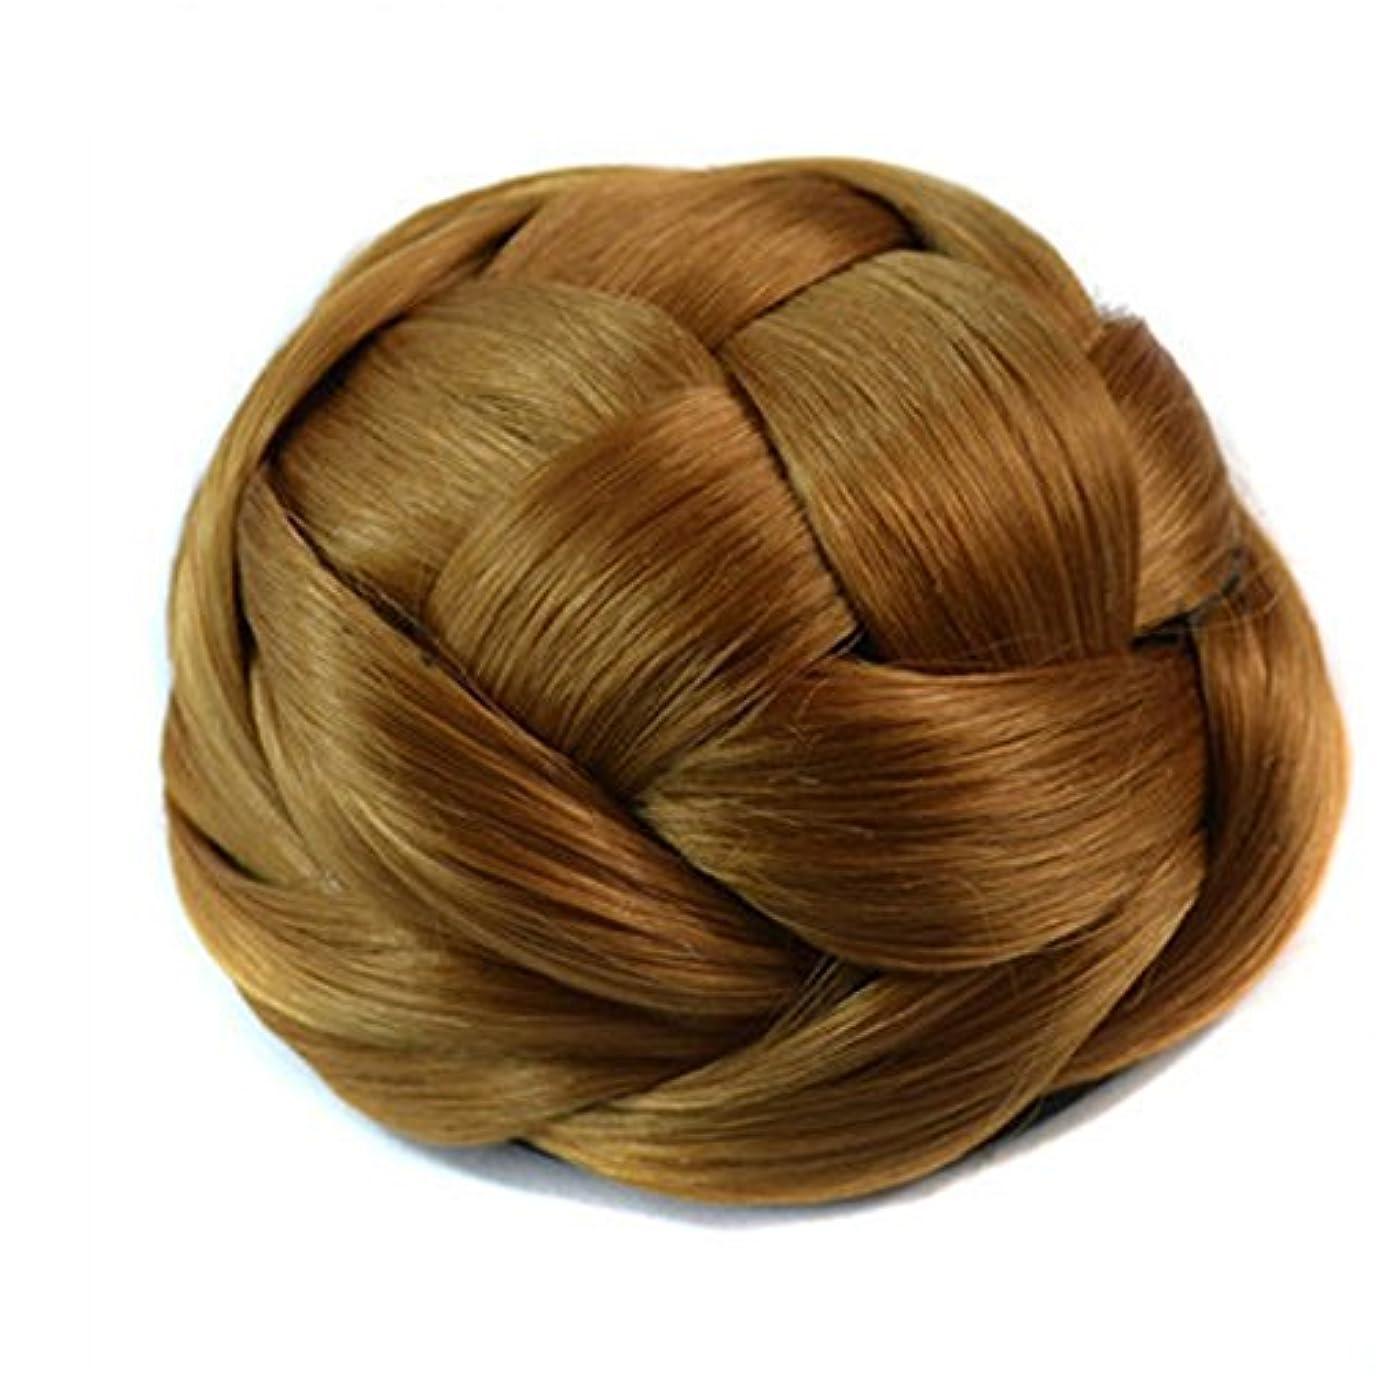 トランクいたずらな切るJIANFU 自然なヘアバンエクステンション - レトロウィッグボールヘッドブライダルメイクアップヘア (Color : 金色)